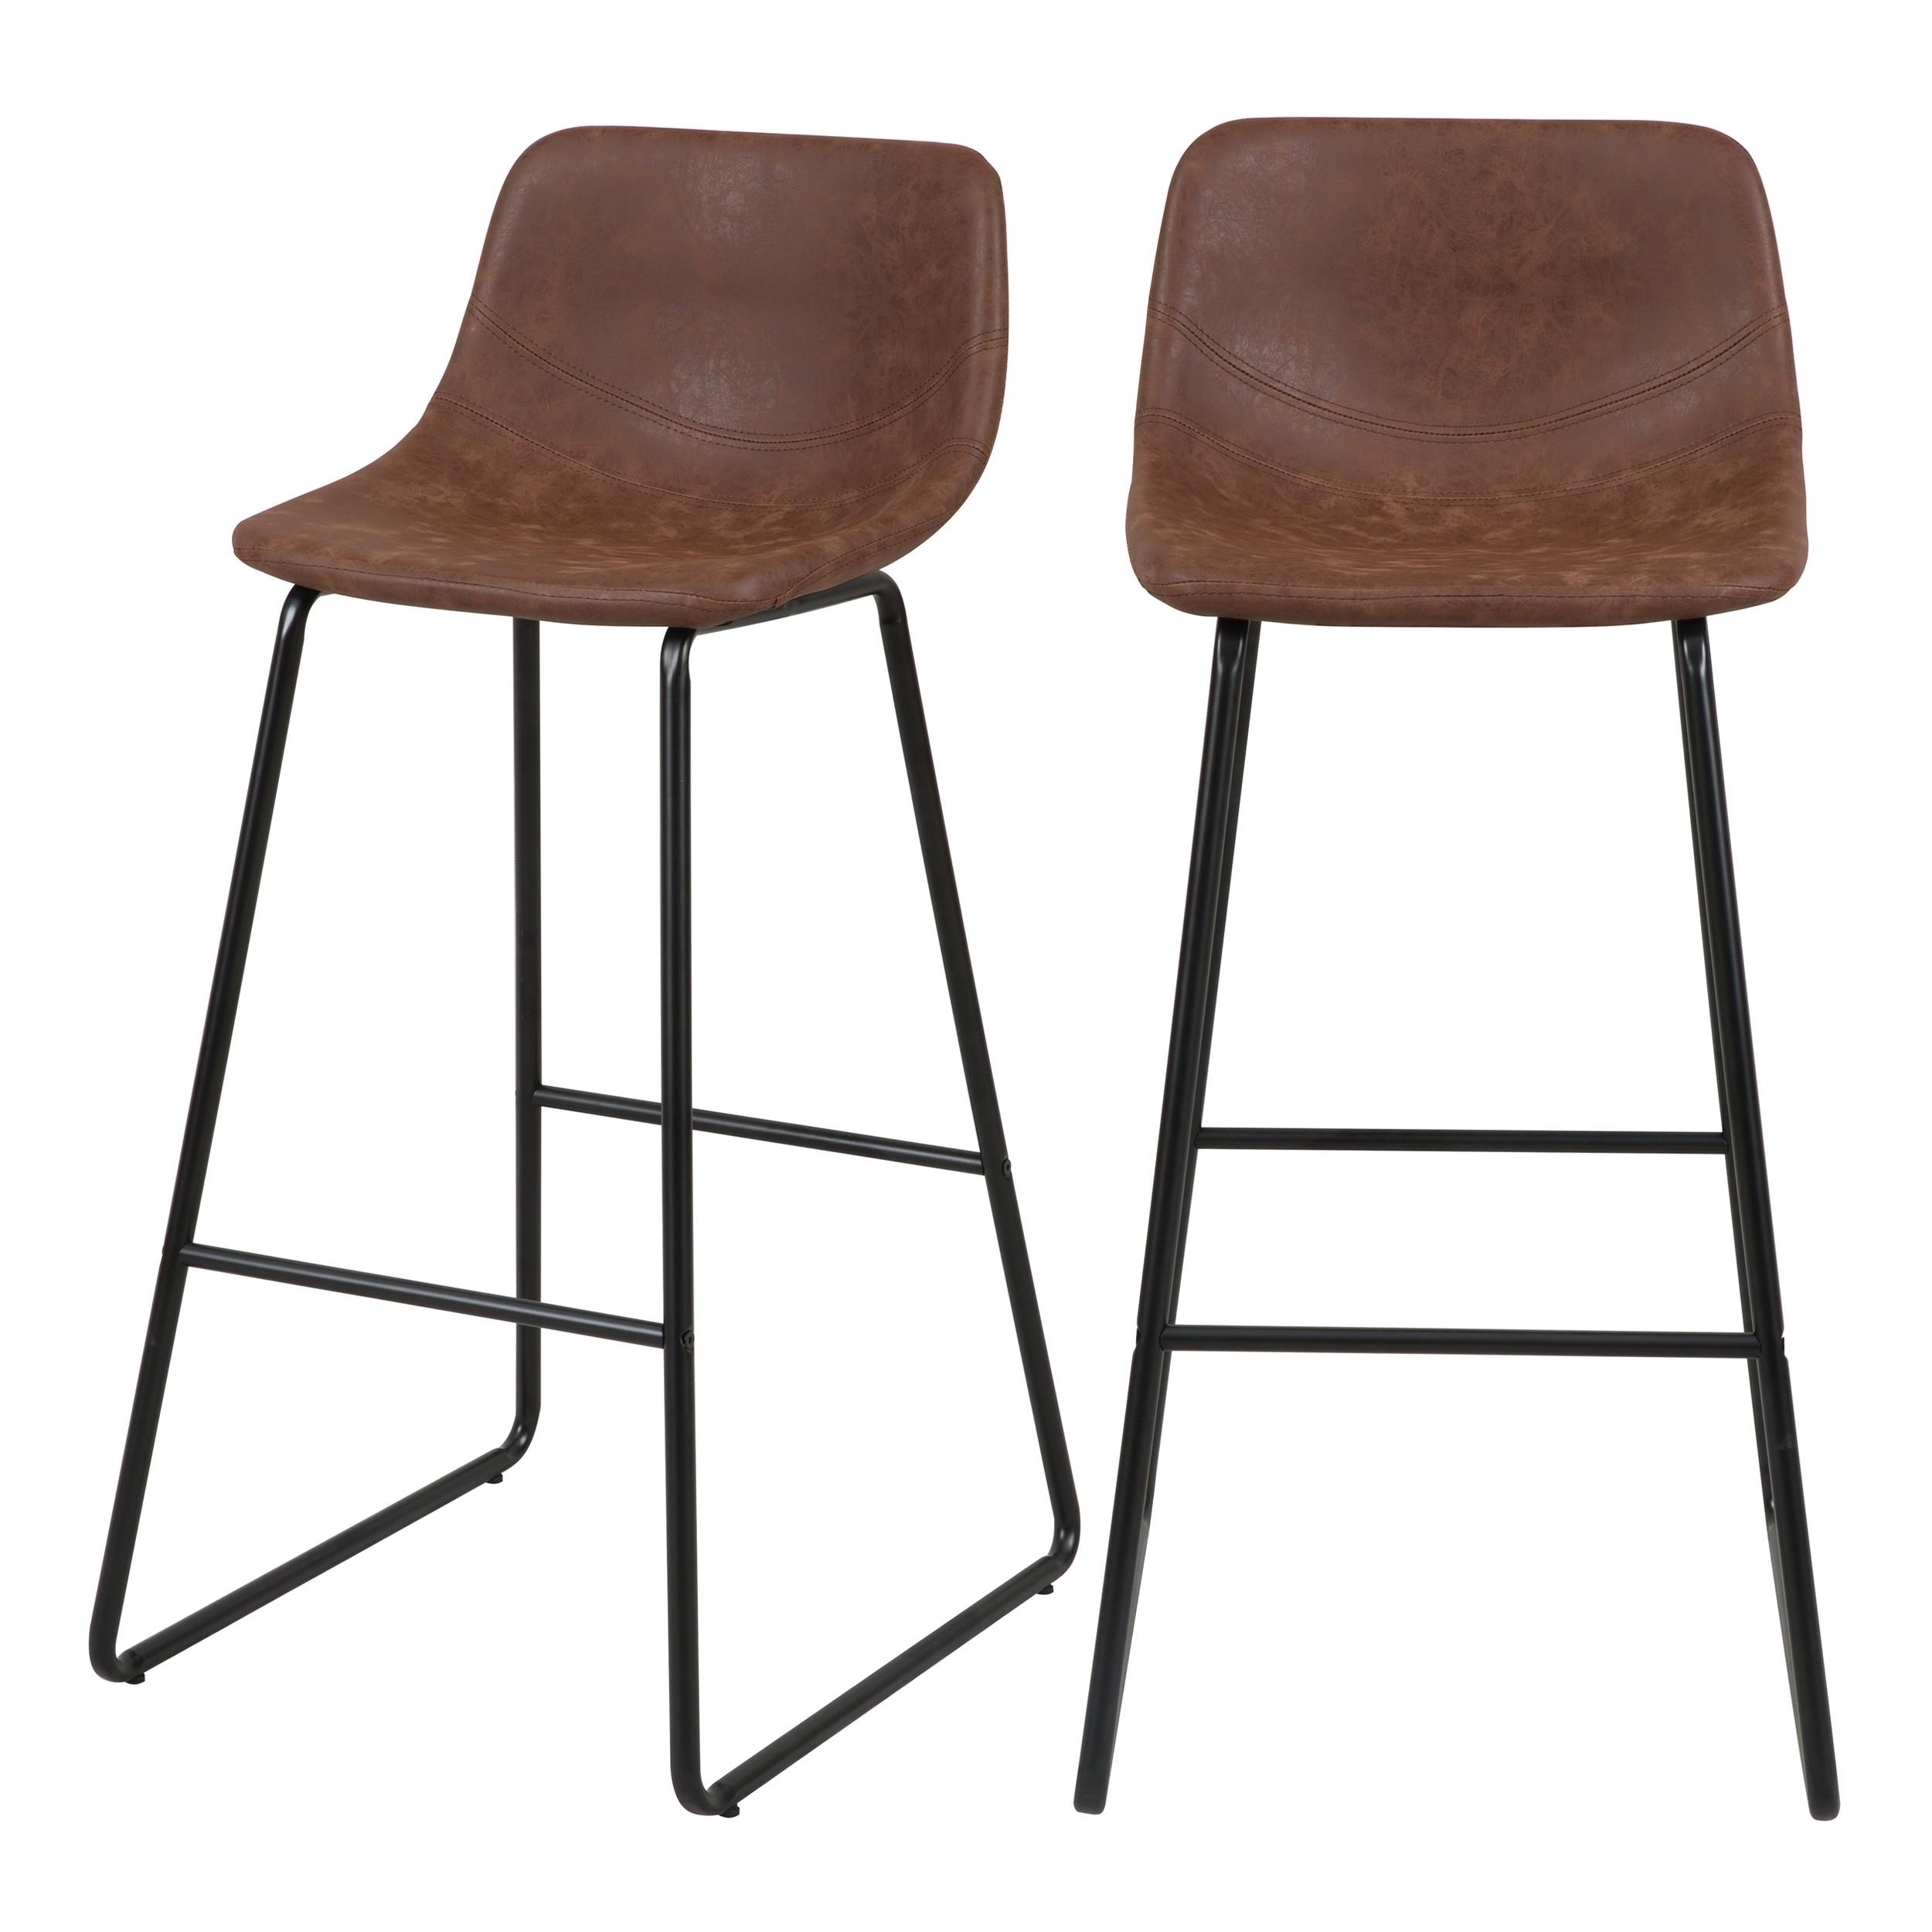 acheter chaise de bar en cuir synthetique lot de 2